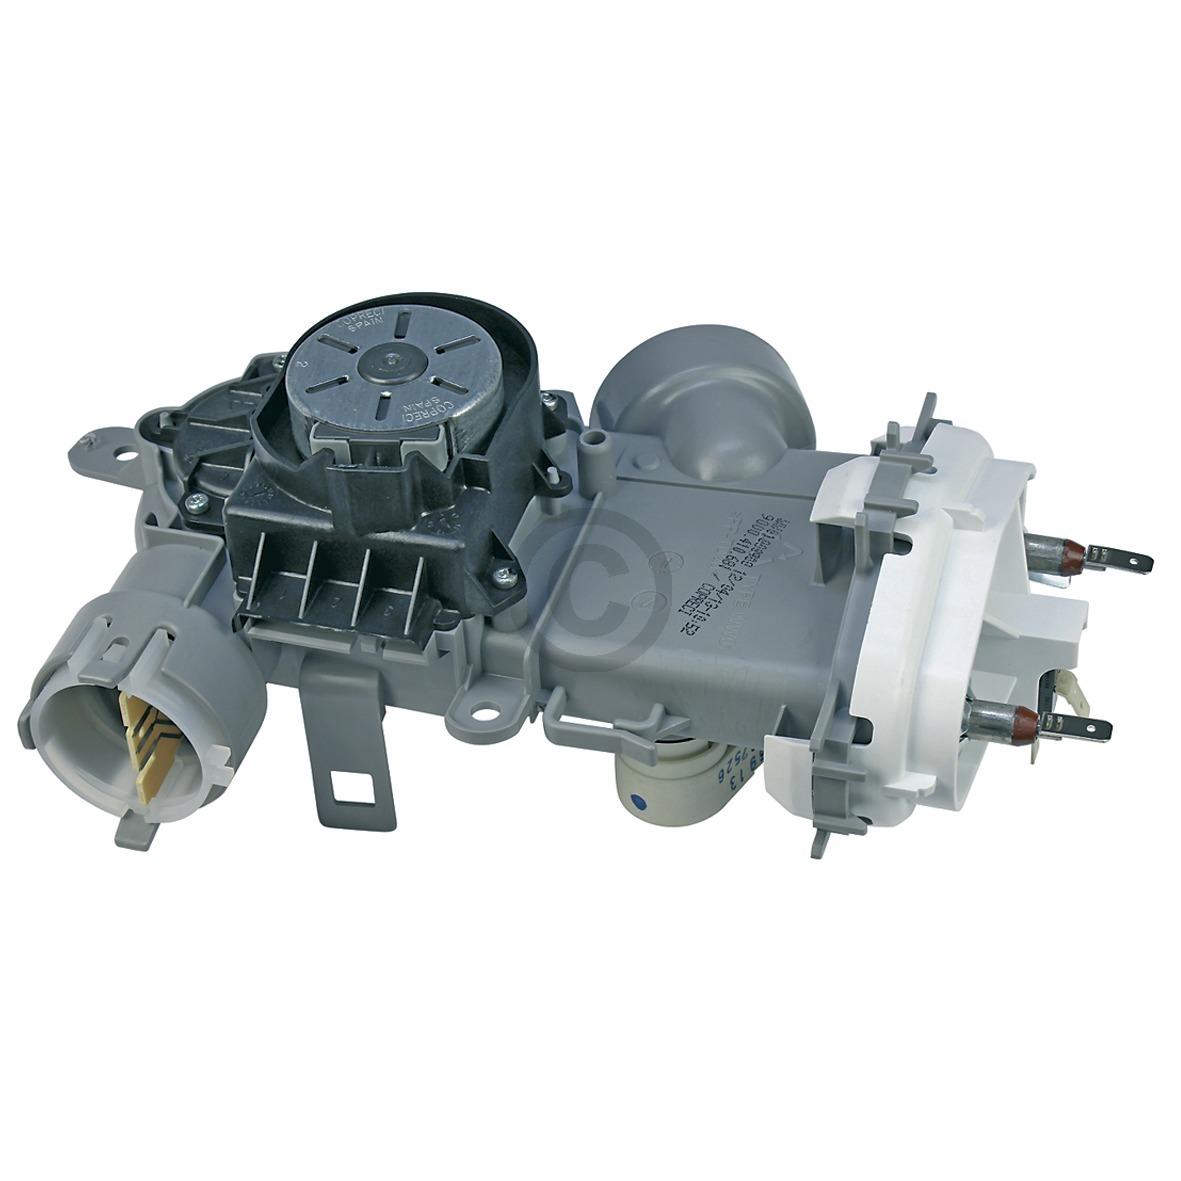 Heizelement 2200W DE-System kpl. 00498623 498623 Bosch, Siemens, Neff